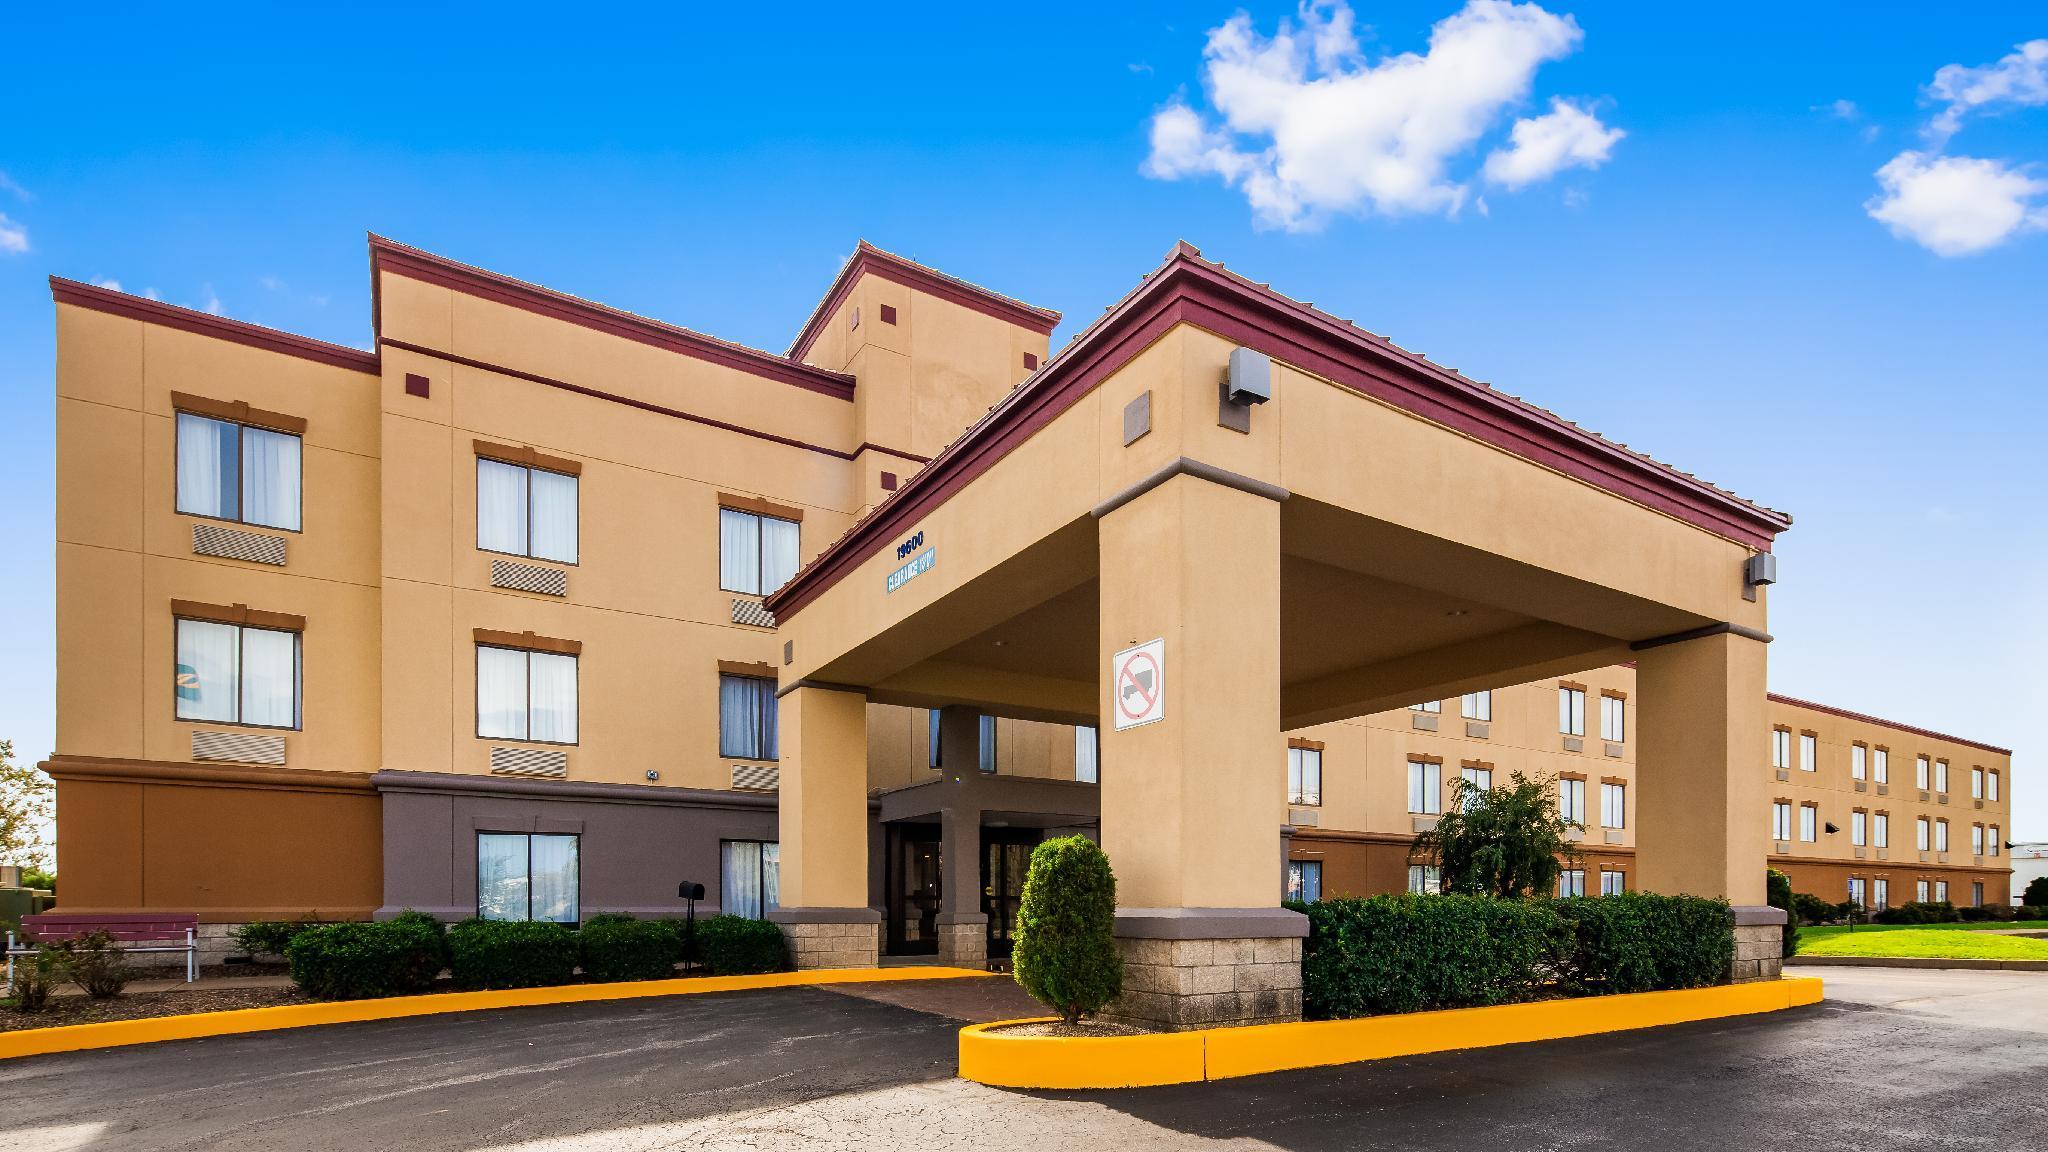 SureStay Plus Hotel By Best Western Evansville